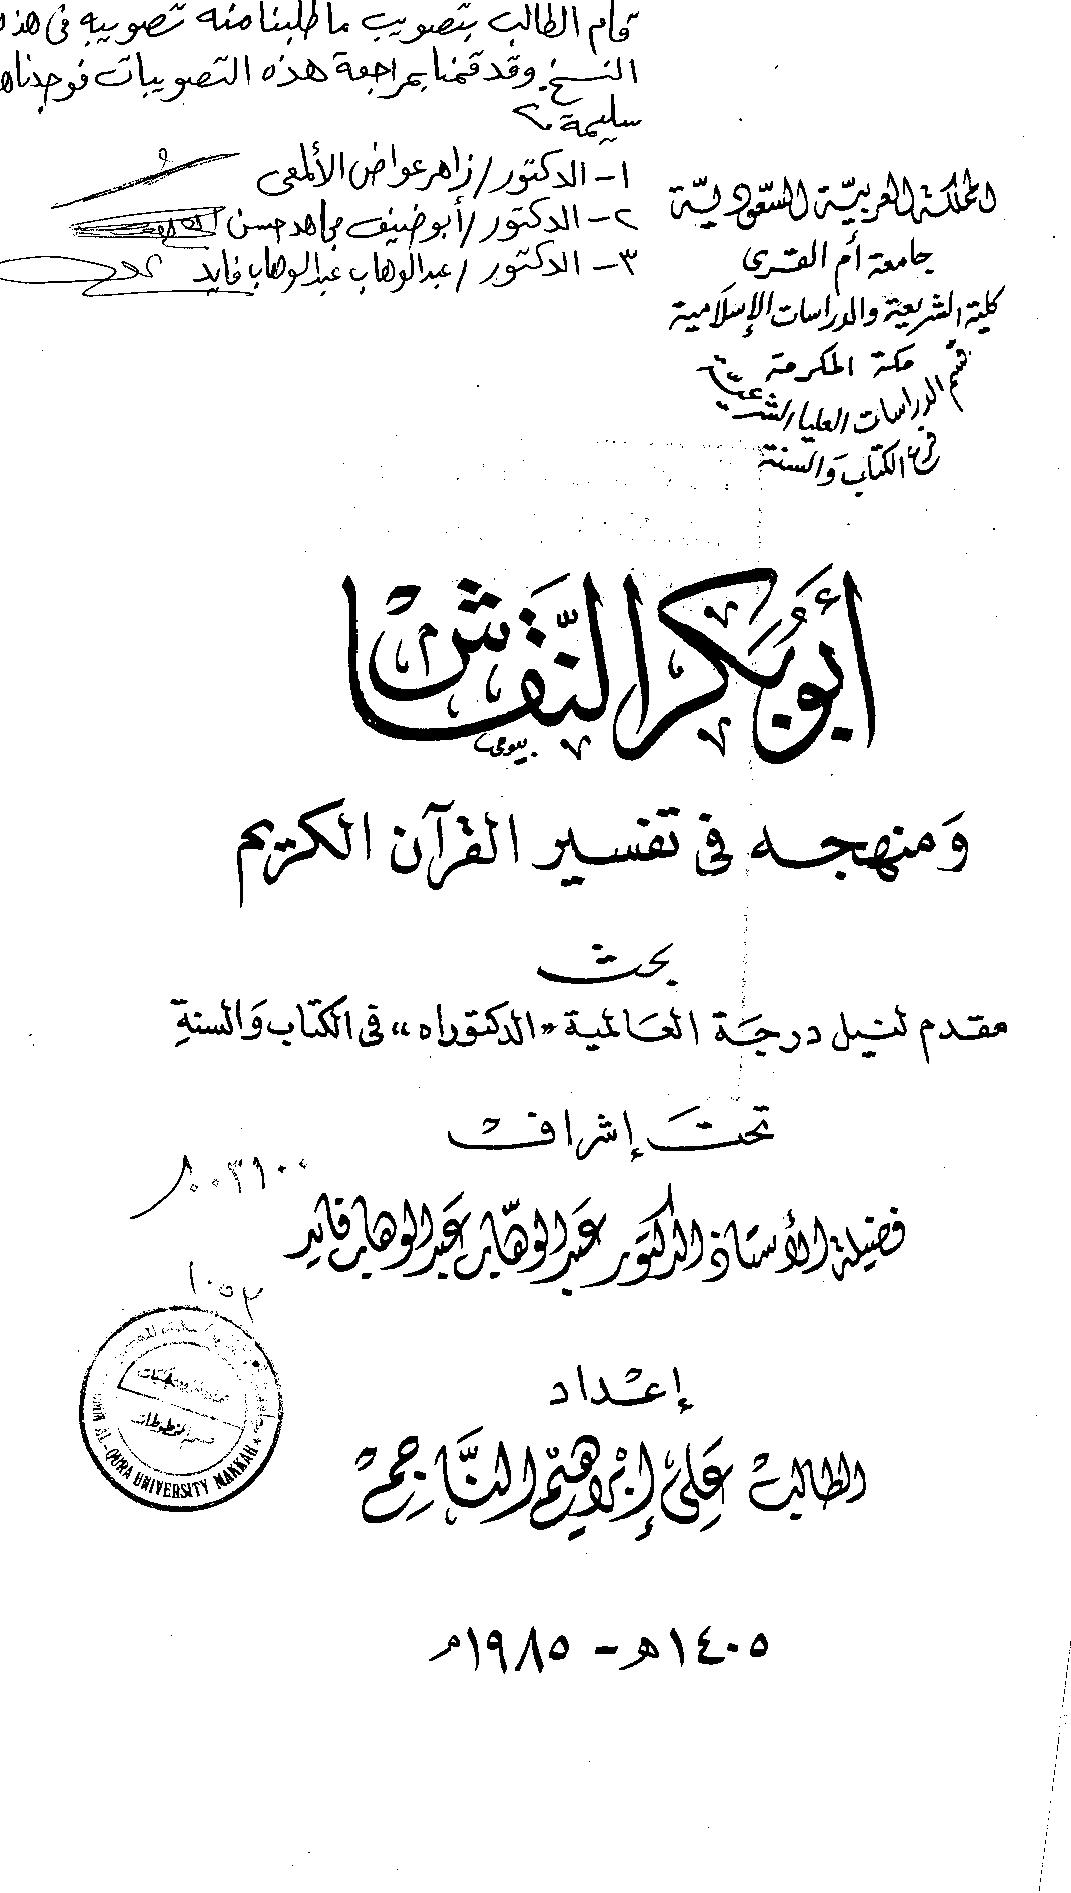 تحميل كتاب أبو بكر النقاش ومنهجه في تفسير القرآن الكريم لـِ: علي إبراهيم الناجح